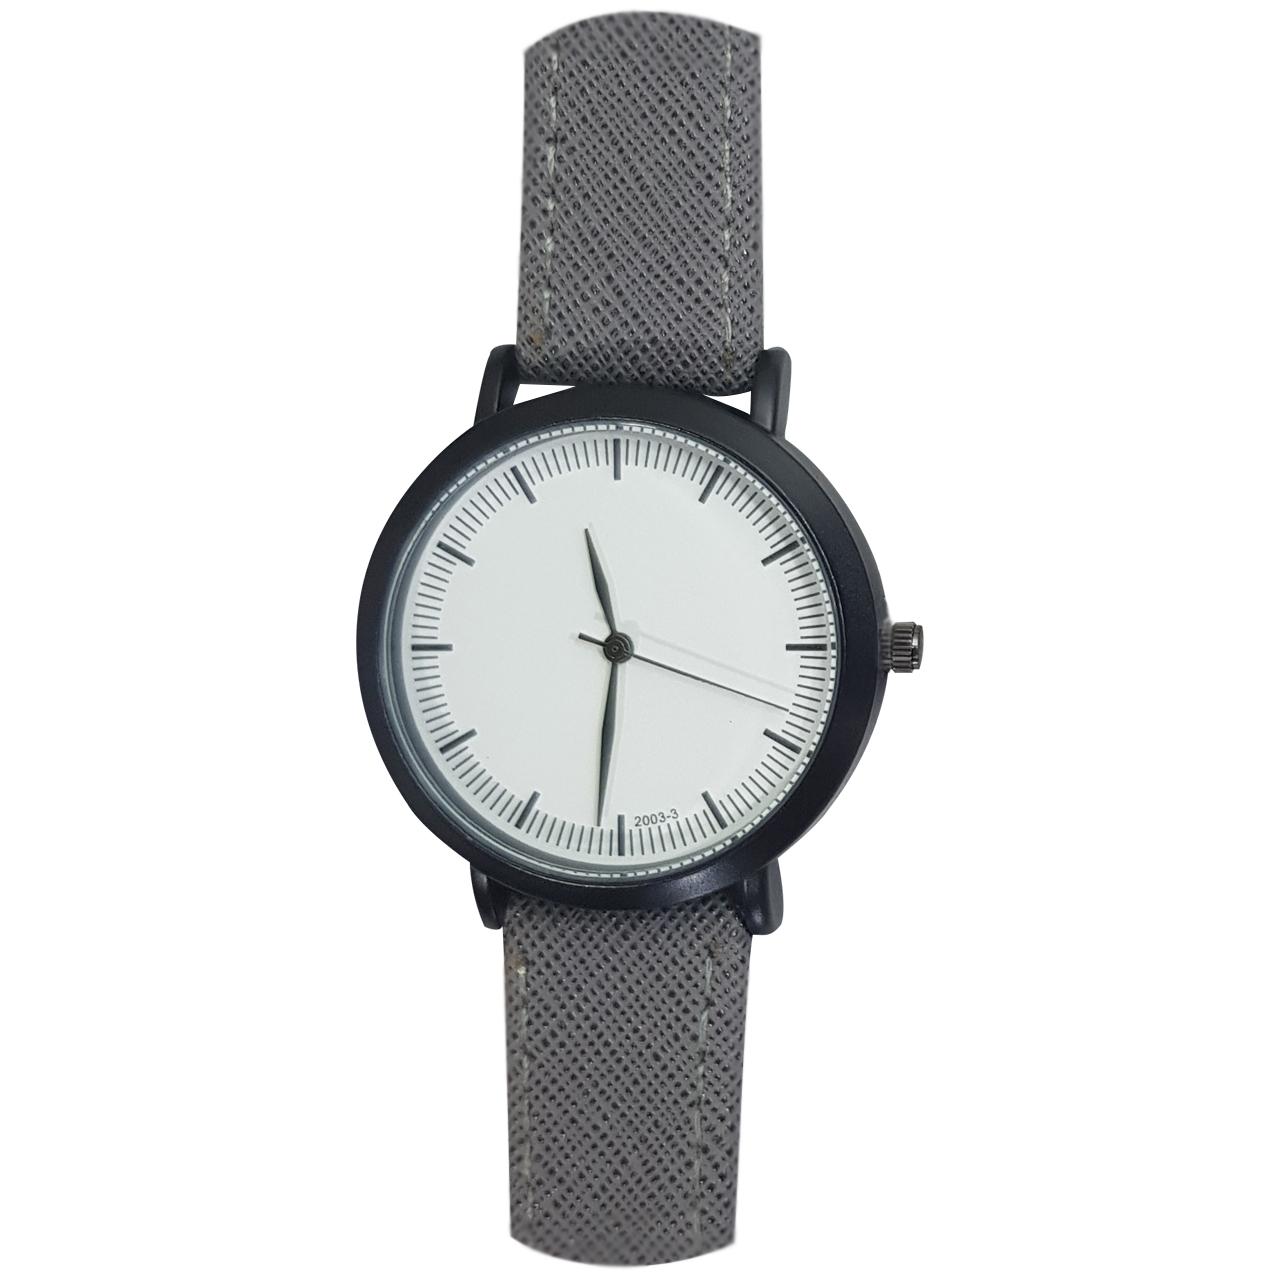 ساعت مچی عقربه ای مدل BW1112 رنگ طوسی